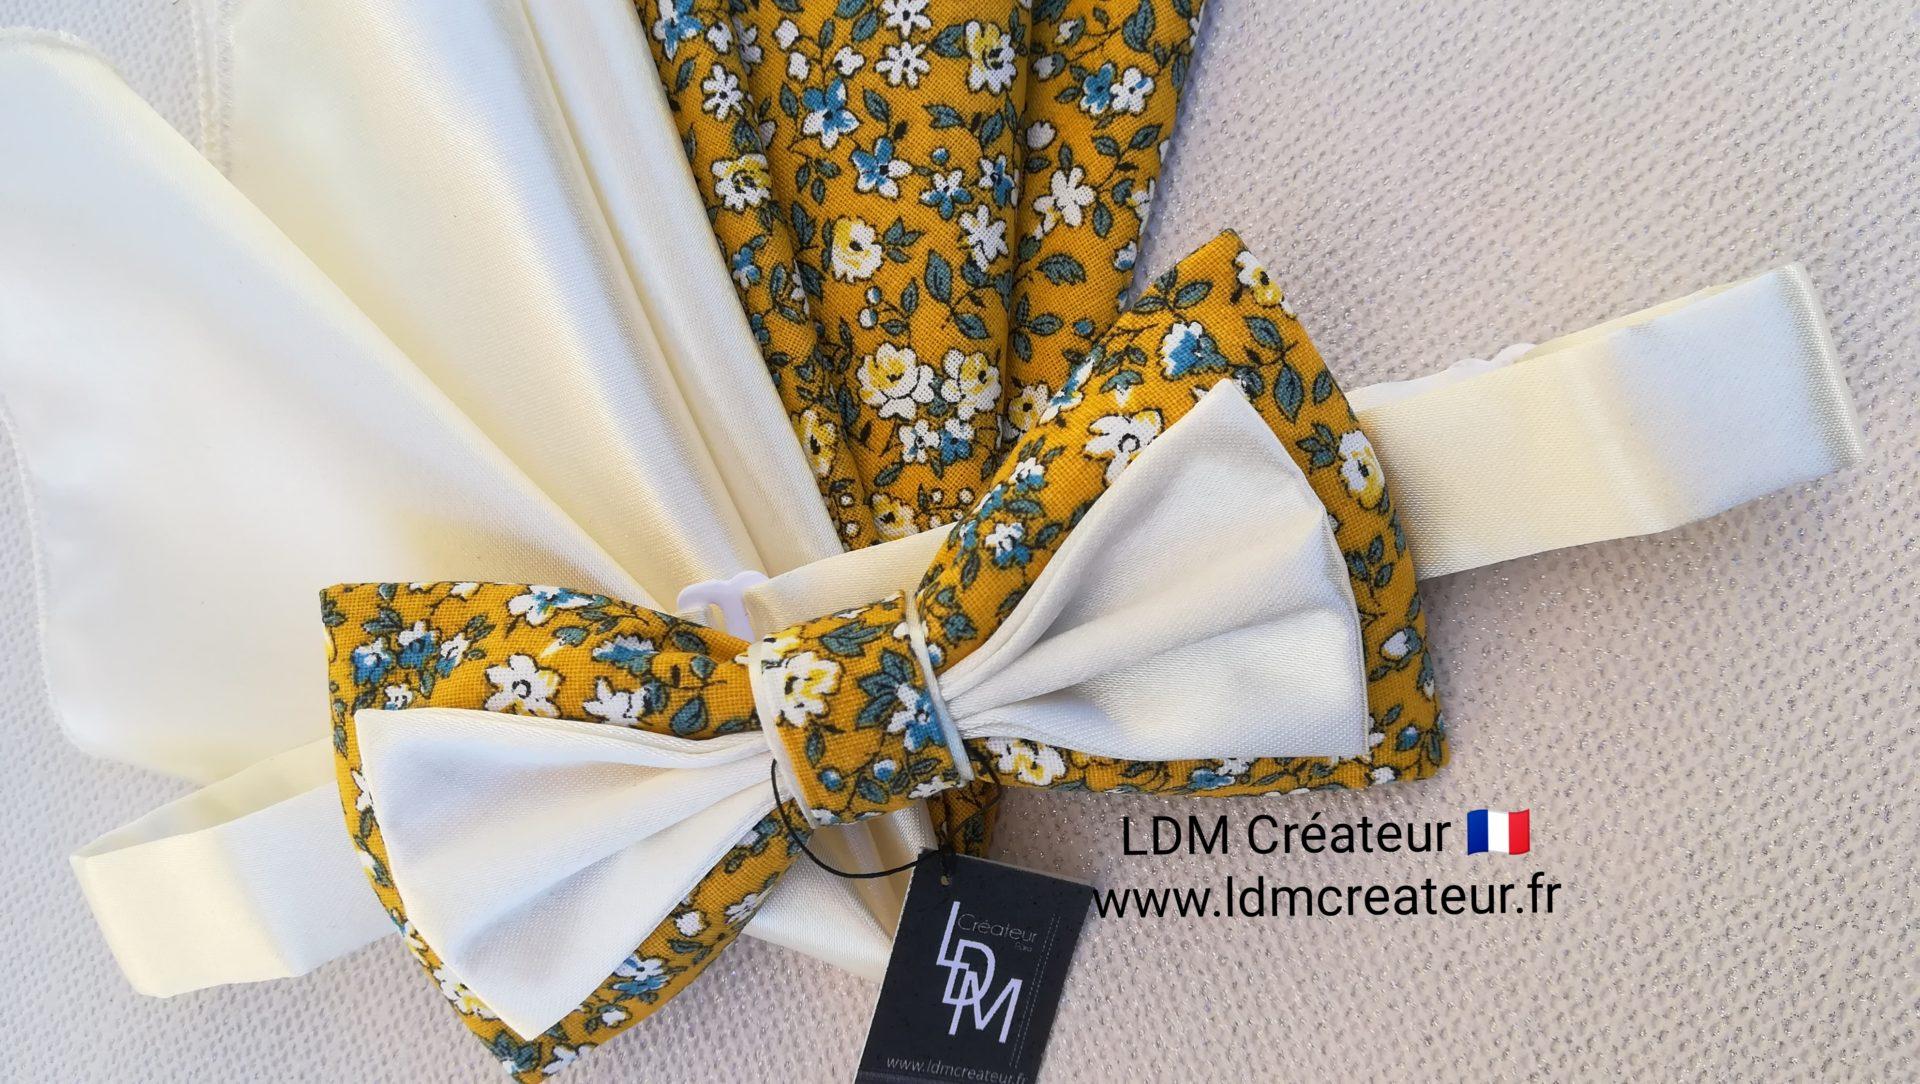 nœud-papillon-jaune-écru-ivoire-pochette-élégant-chic-mariage-soirée-Ramatuelle-ldmcreateur-ldm-créateur